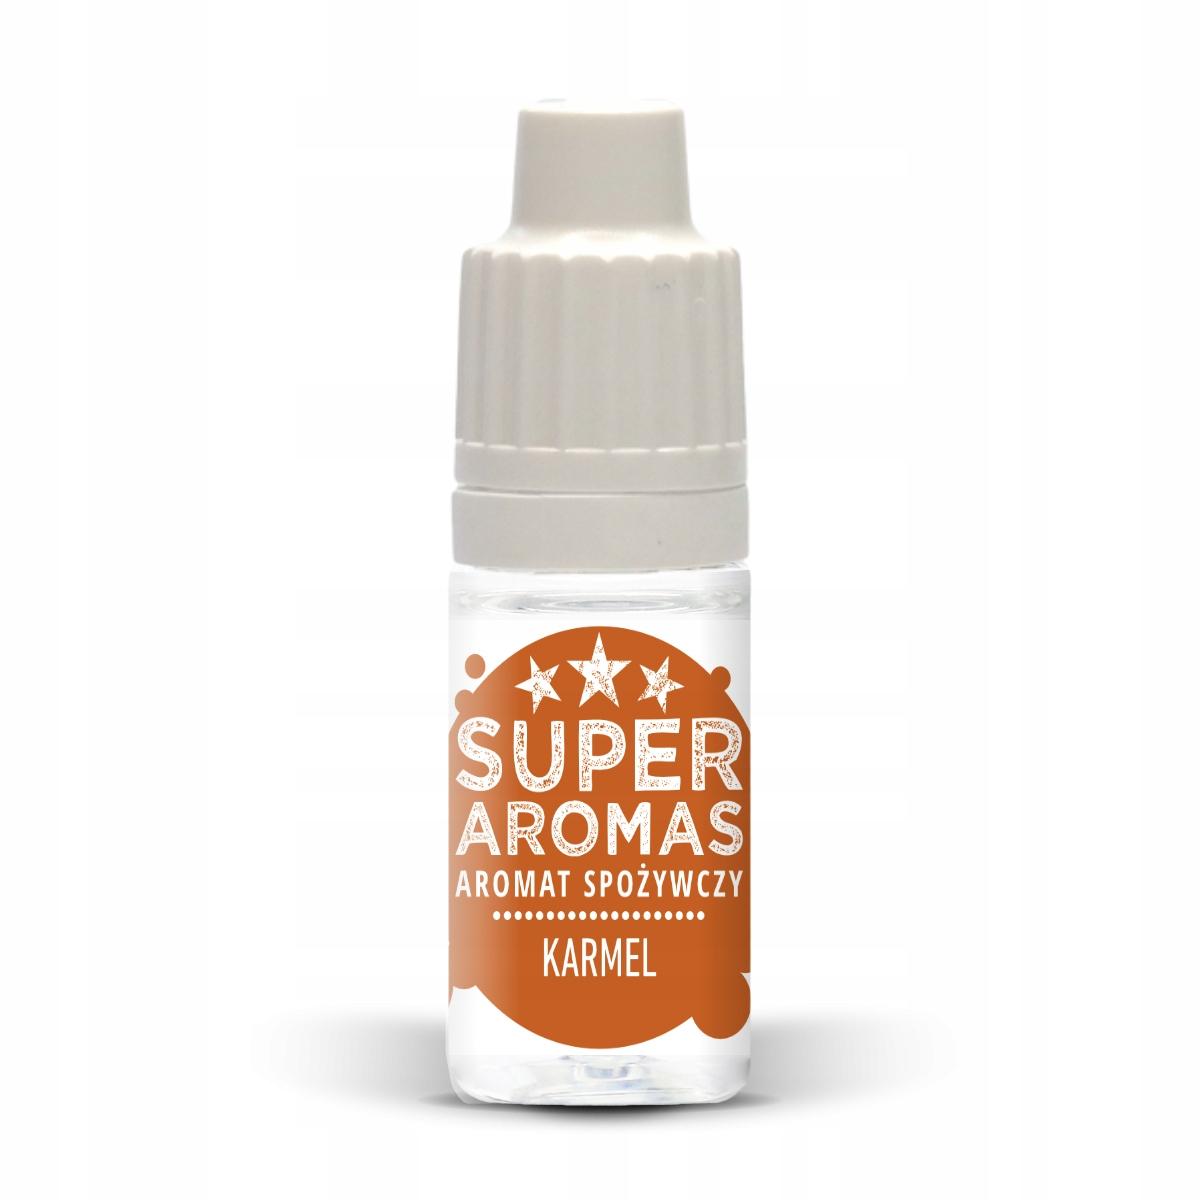 SUPER AROMAS Aromat spożywczy KARMEL 10 ml